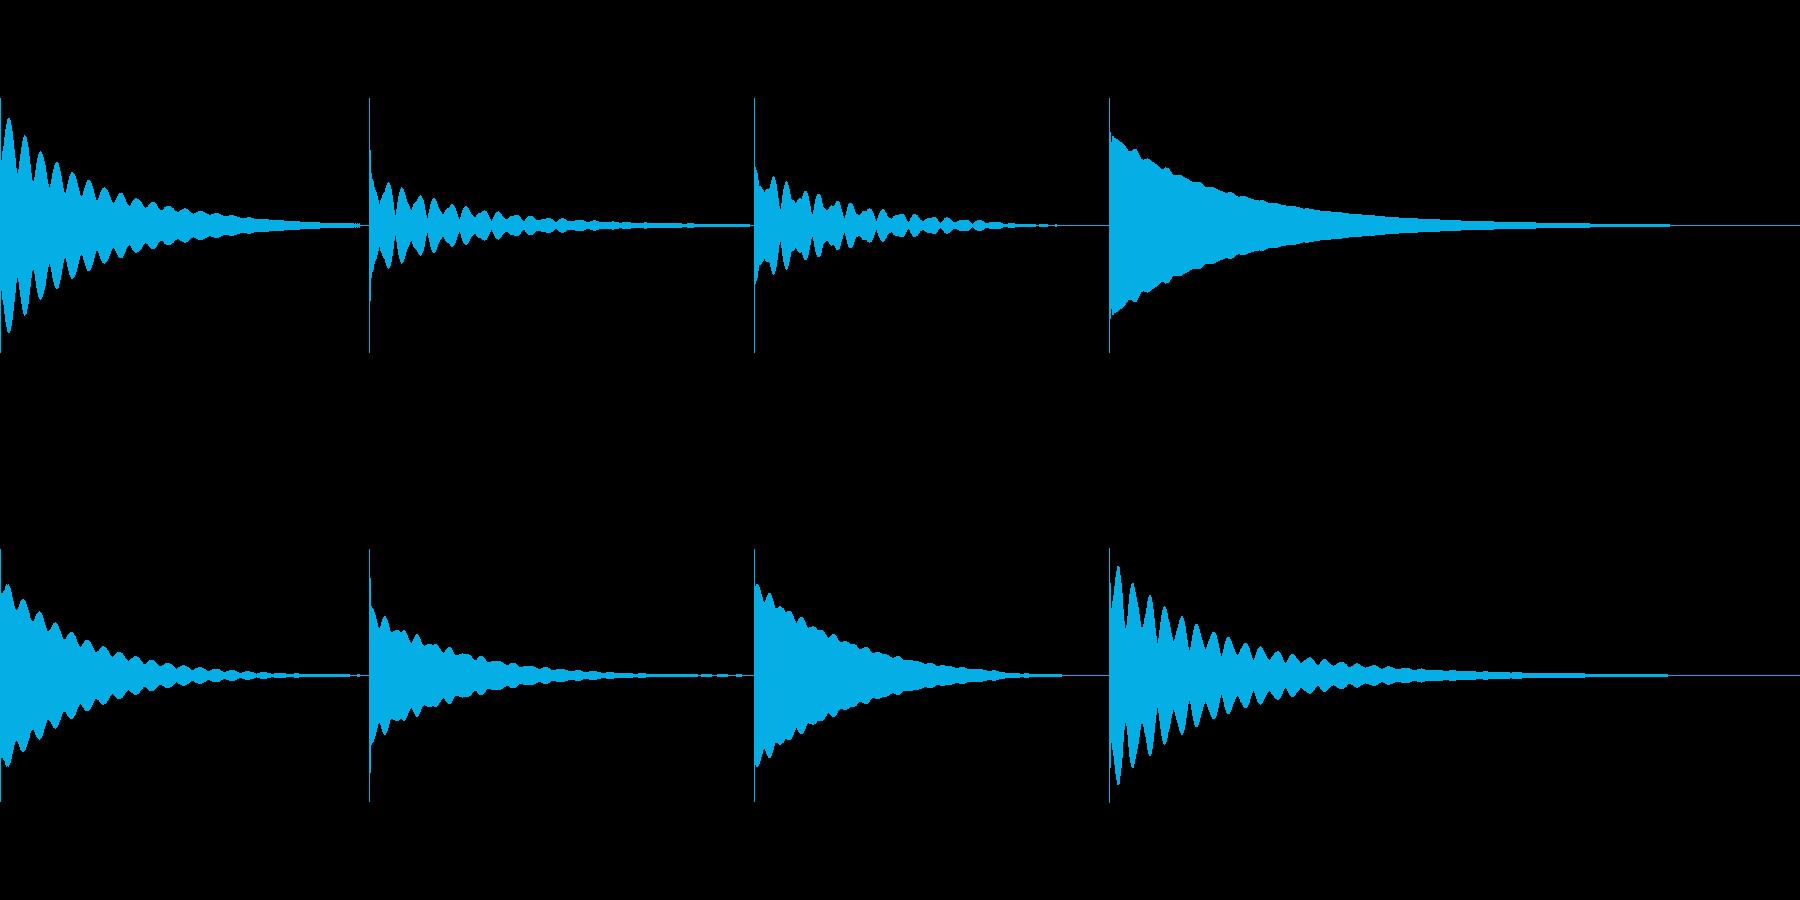 チーーーーーン(仏具の鏧を鳴らす音)の再生済みの波形